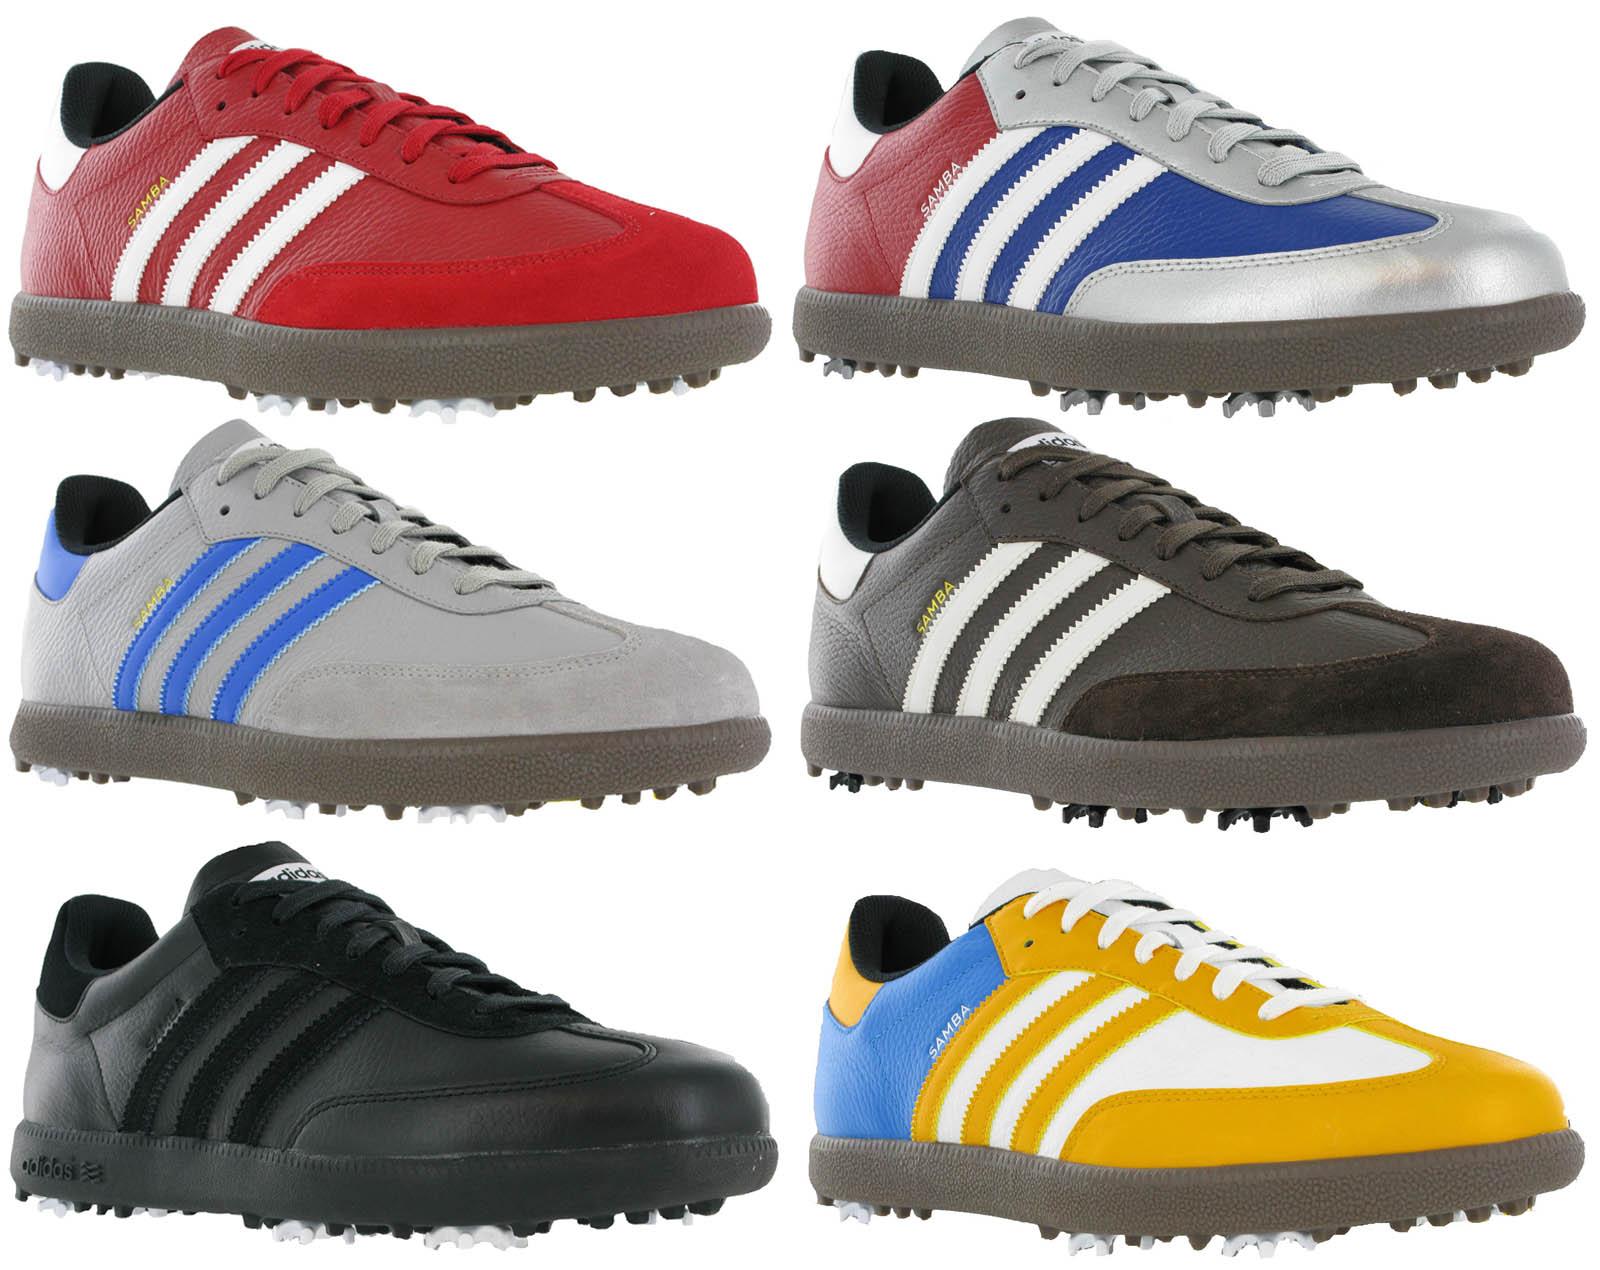 Adidas Golf Shoe Return Policy